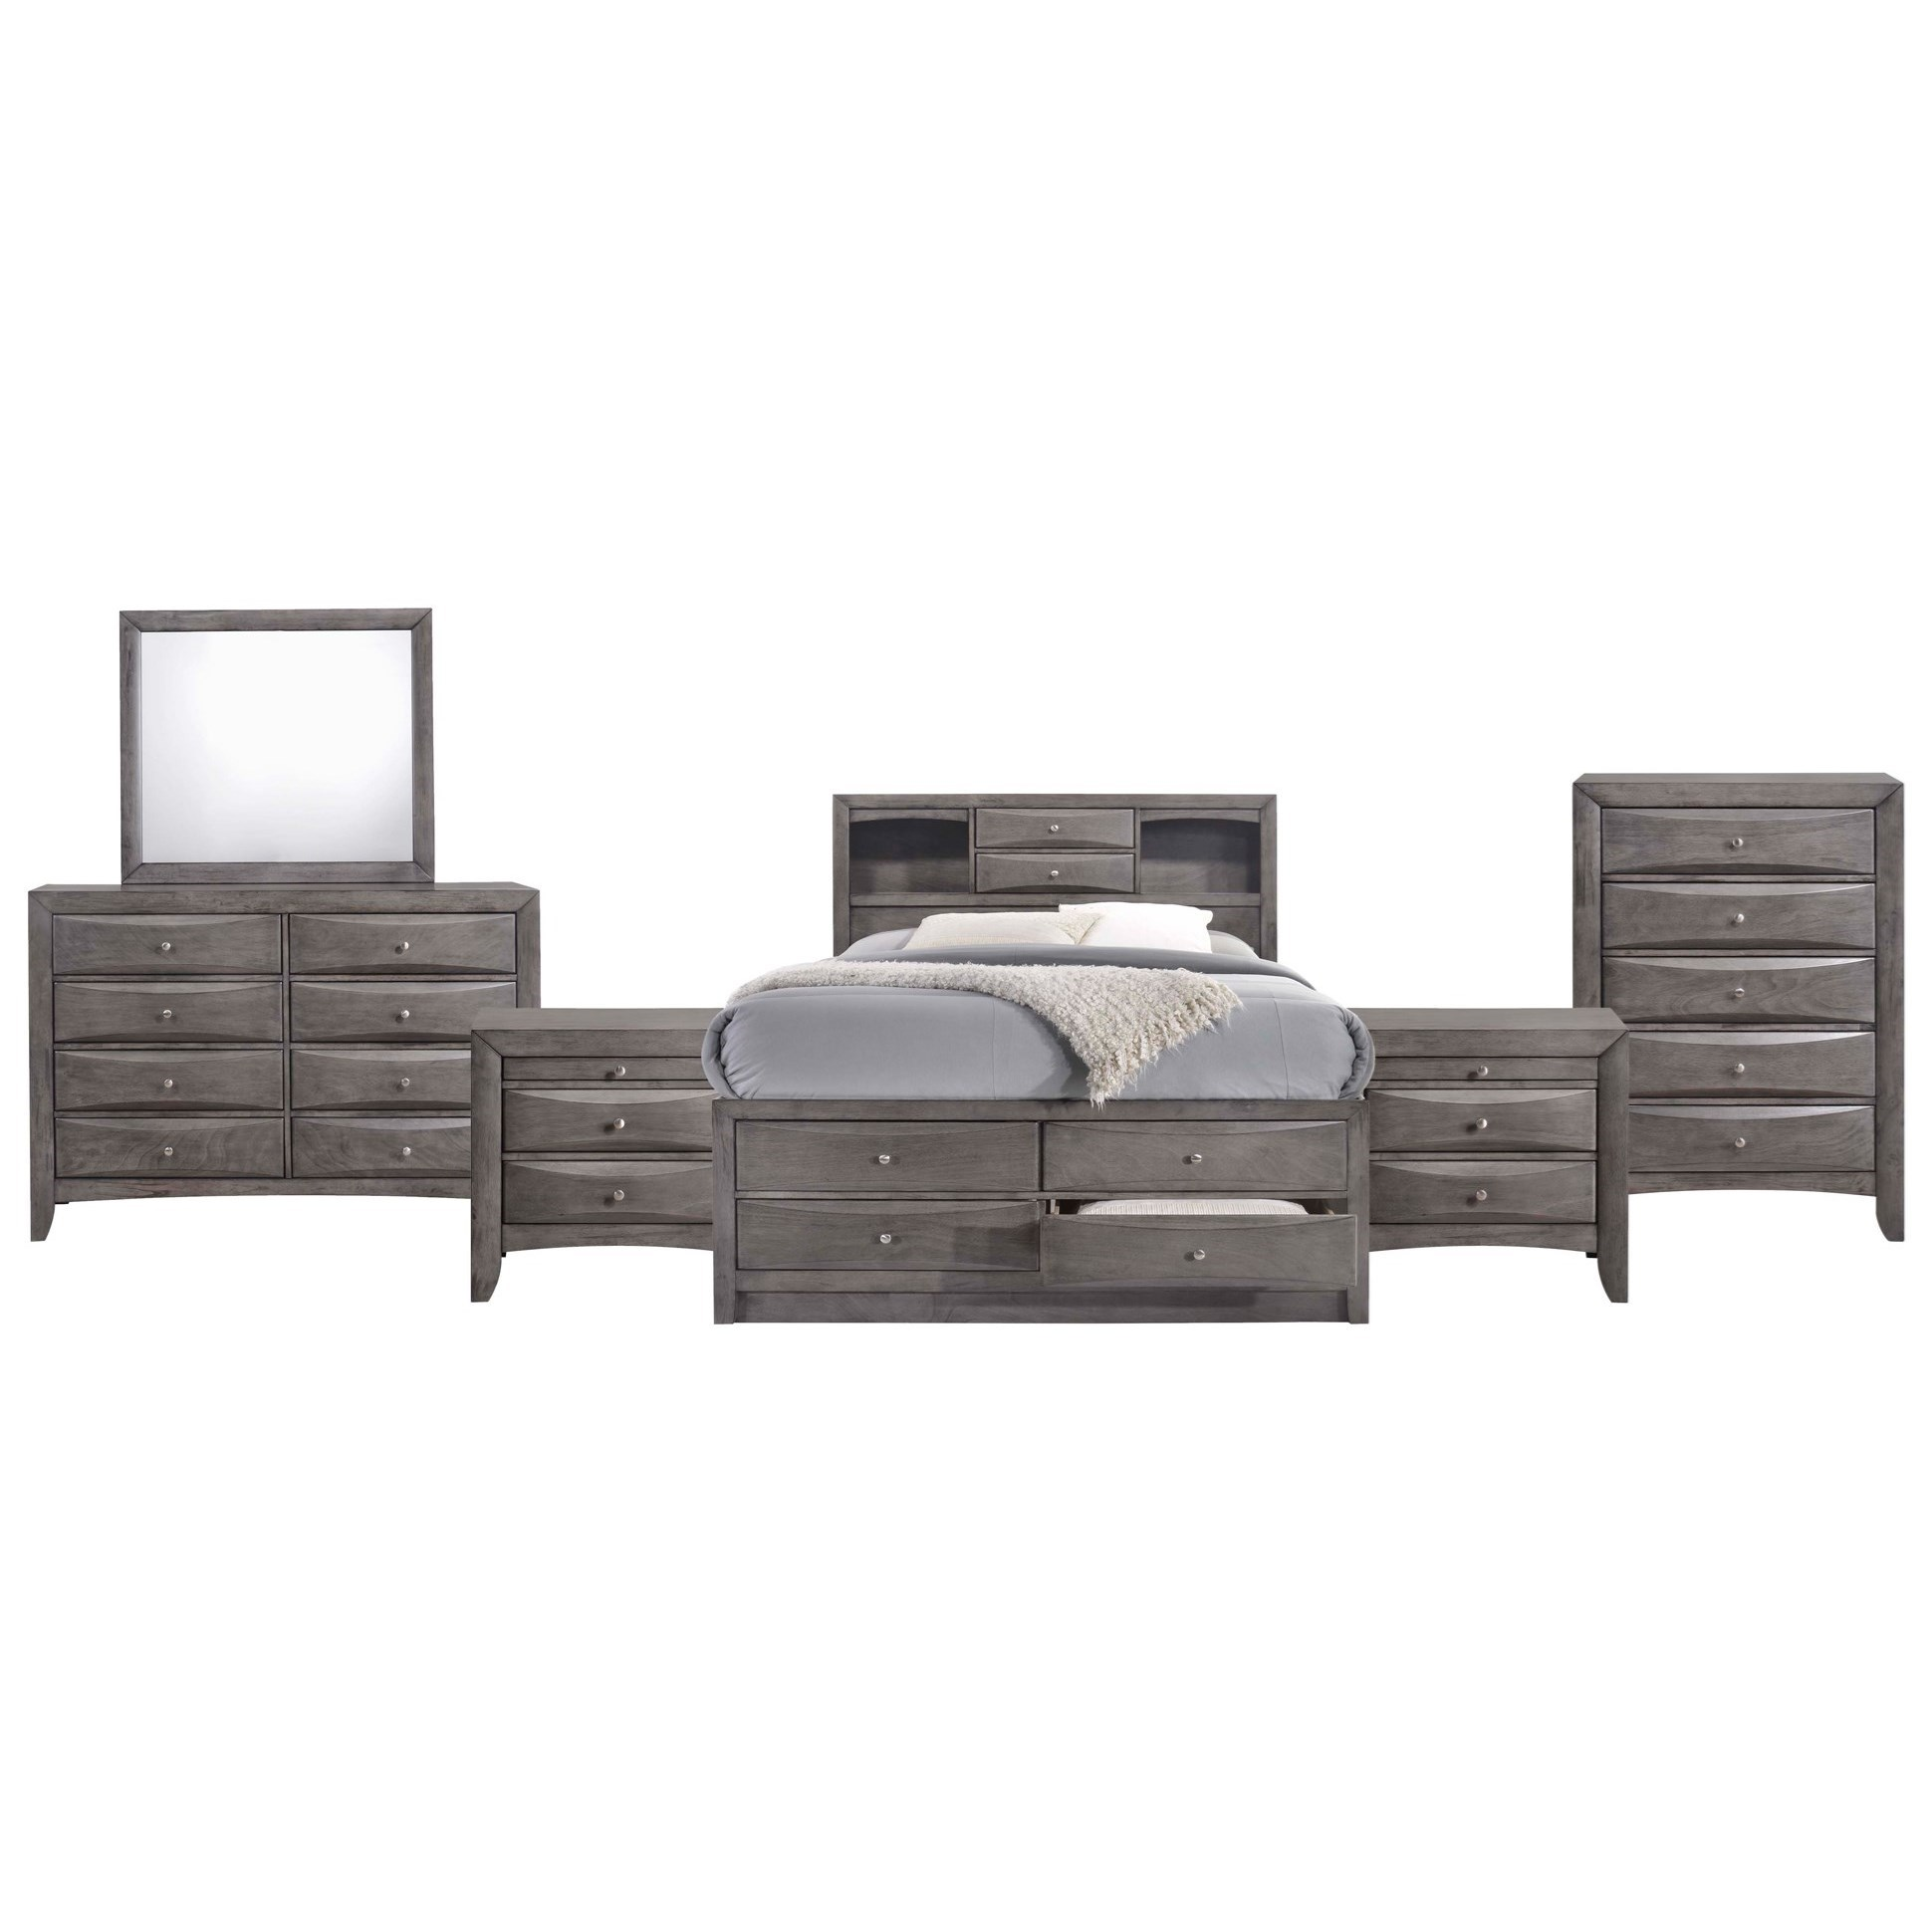 NASH Full Bedroom Group by EFO at EFO Furniture Outlet